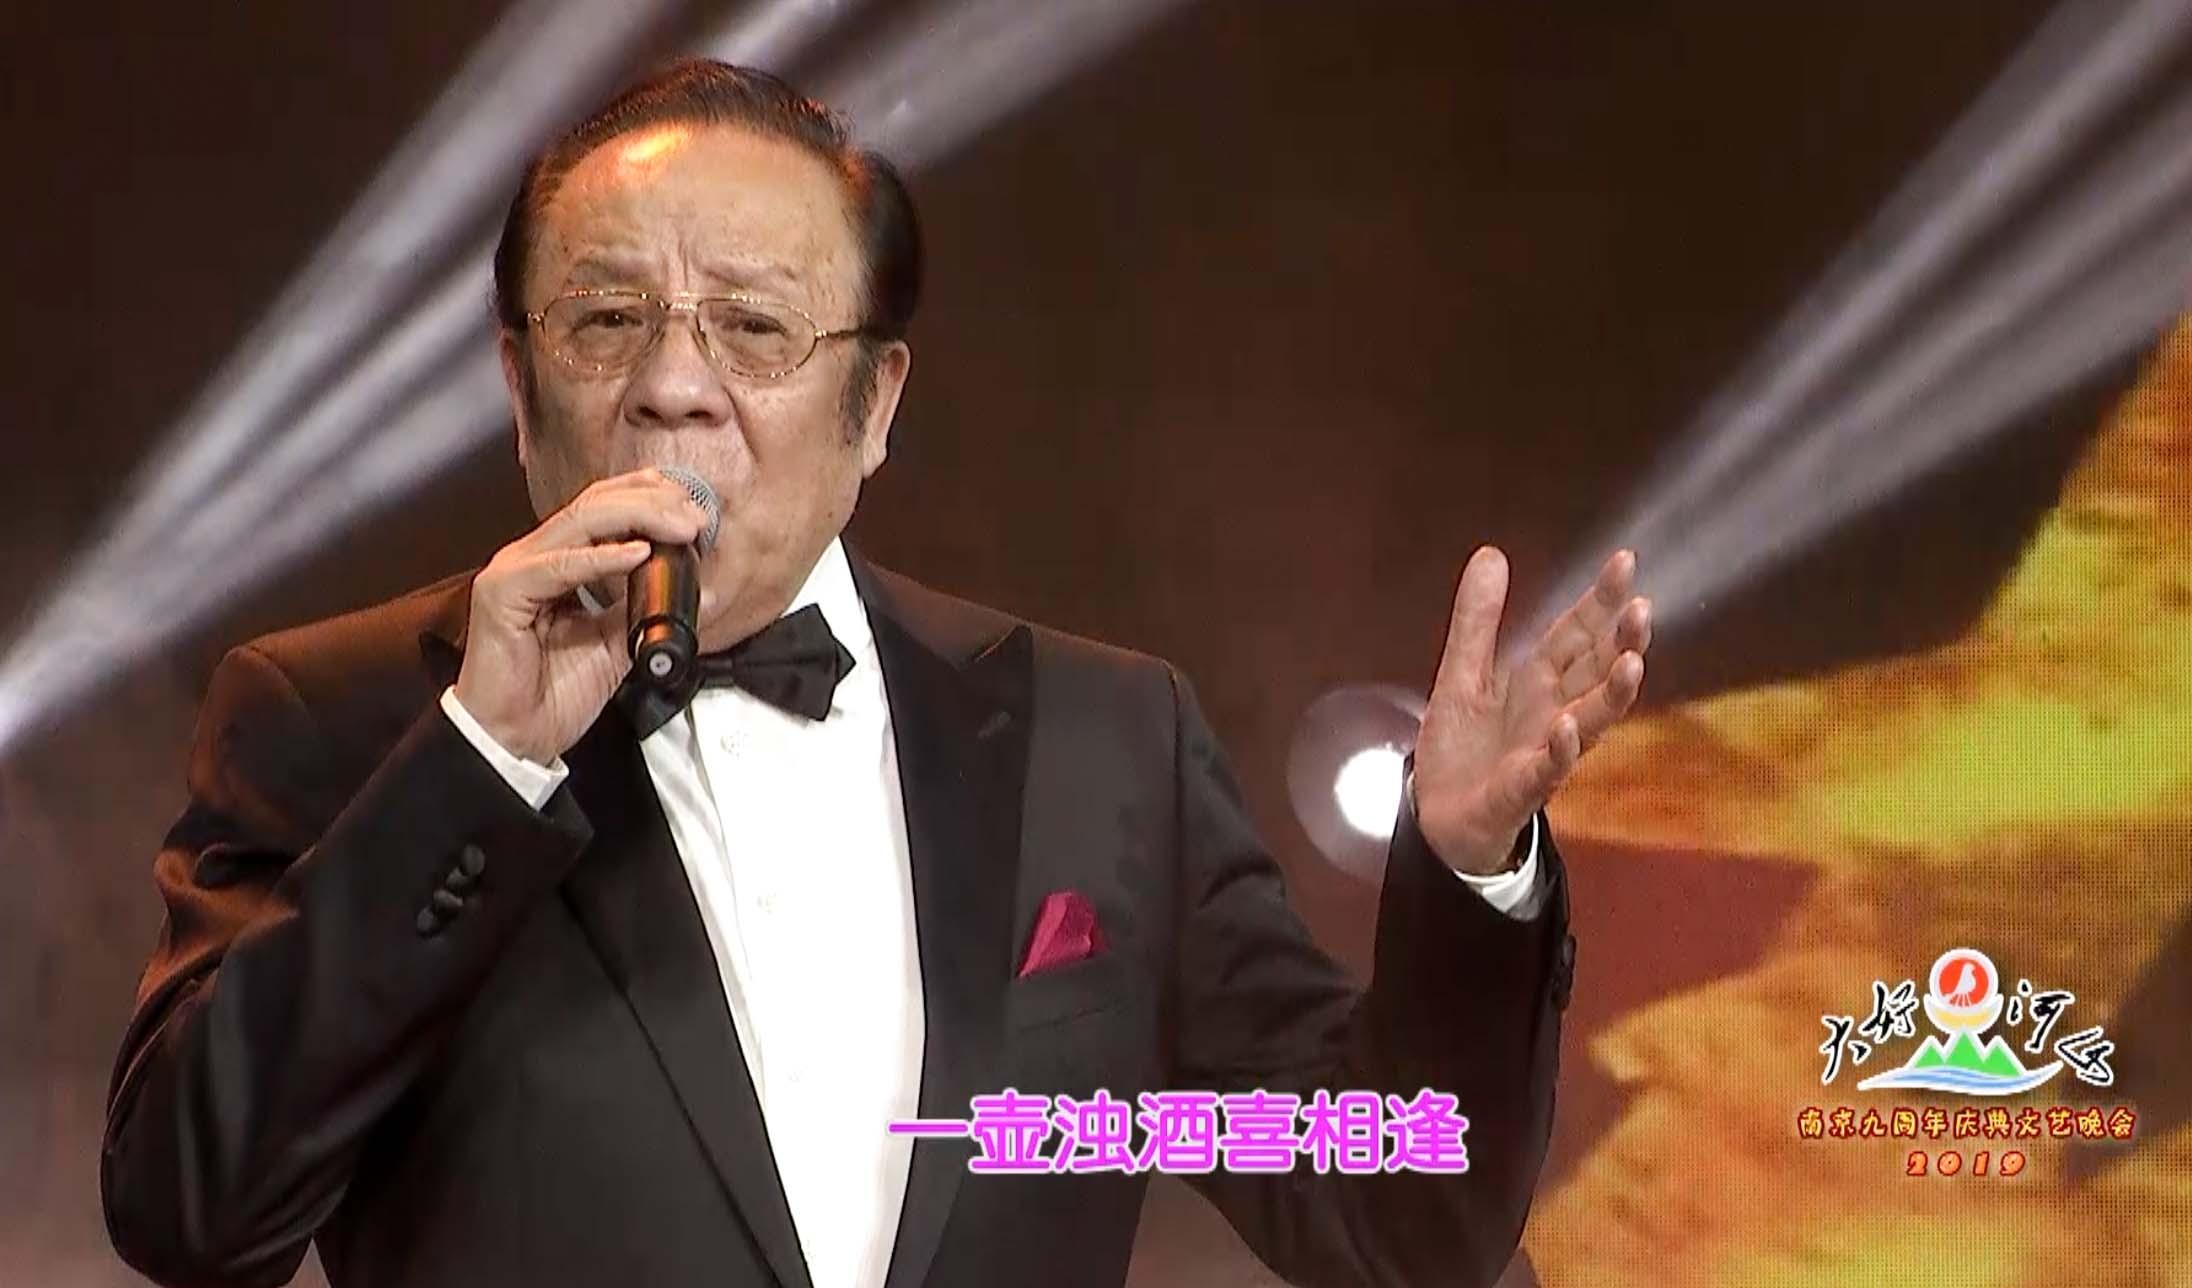 大好河山2019南京九周年庆典文艺晚会 歌曲《滚滚长江东逝水》杨洪基